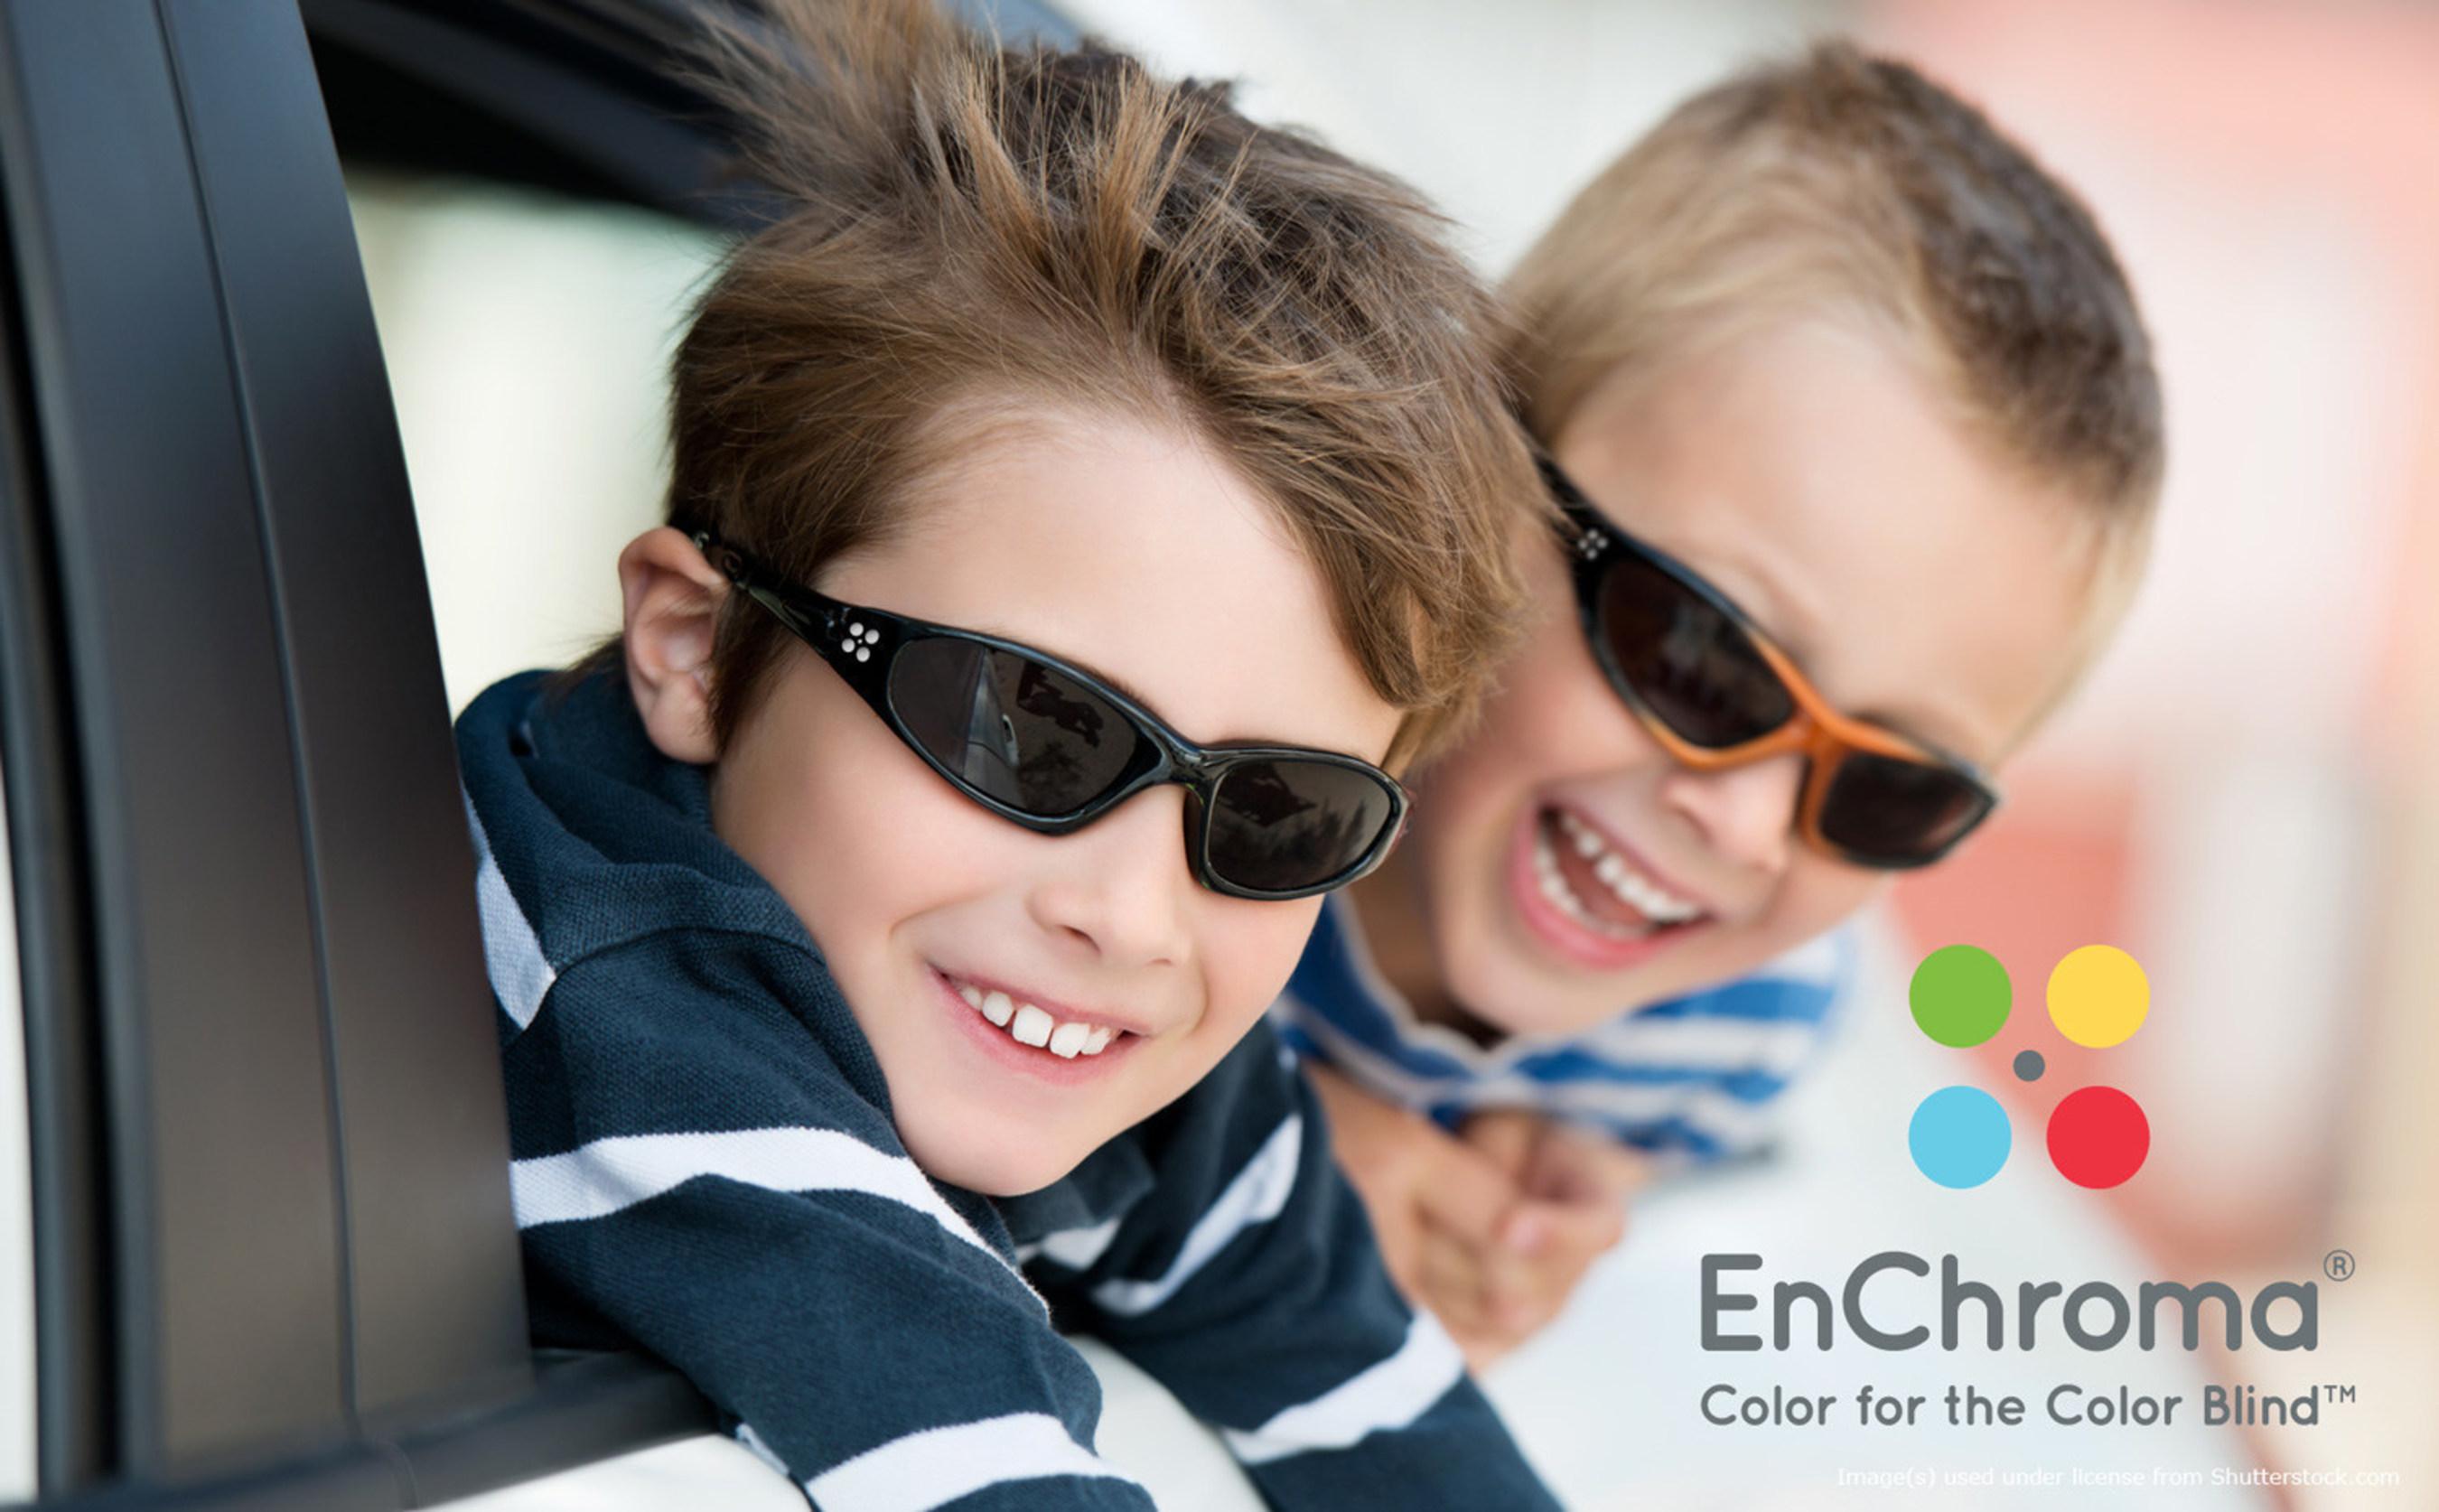 EnChroma lance des verres correcteurs contre le daltonisme destinés aux sportifs, aux enfants et